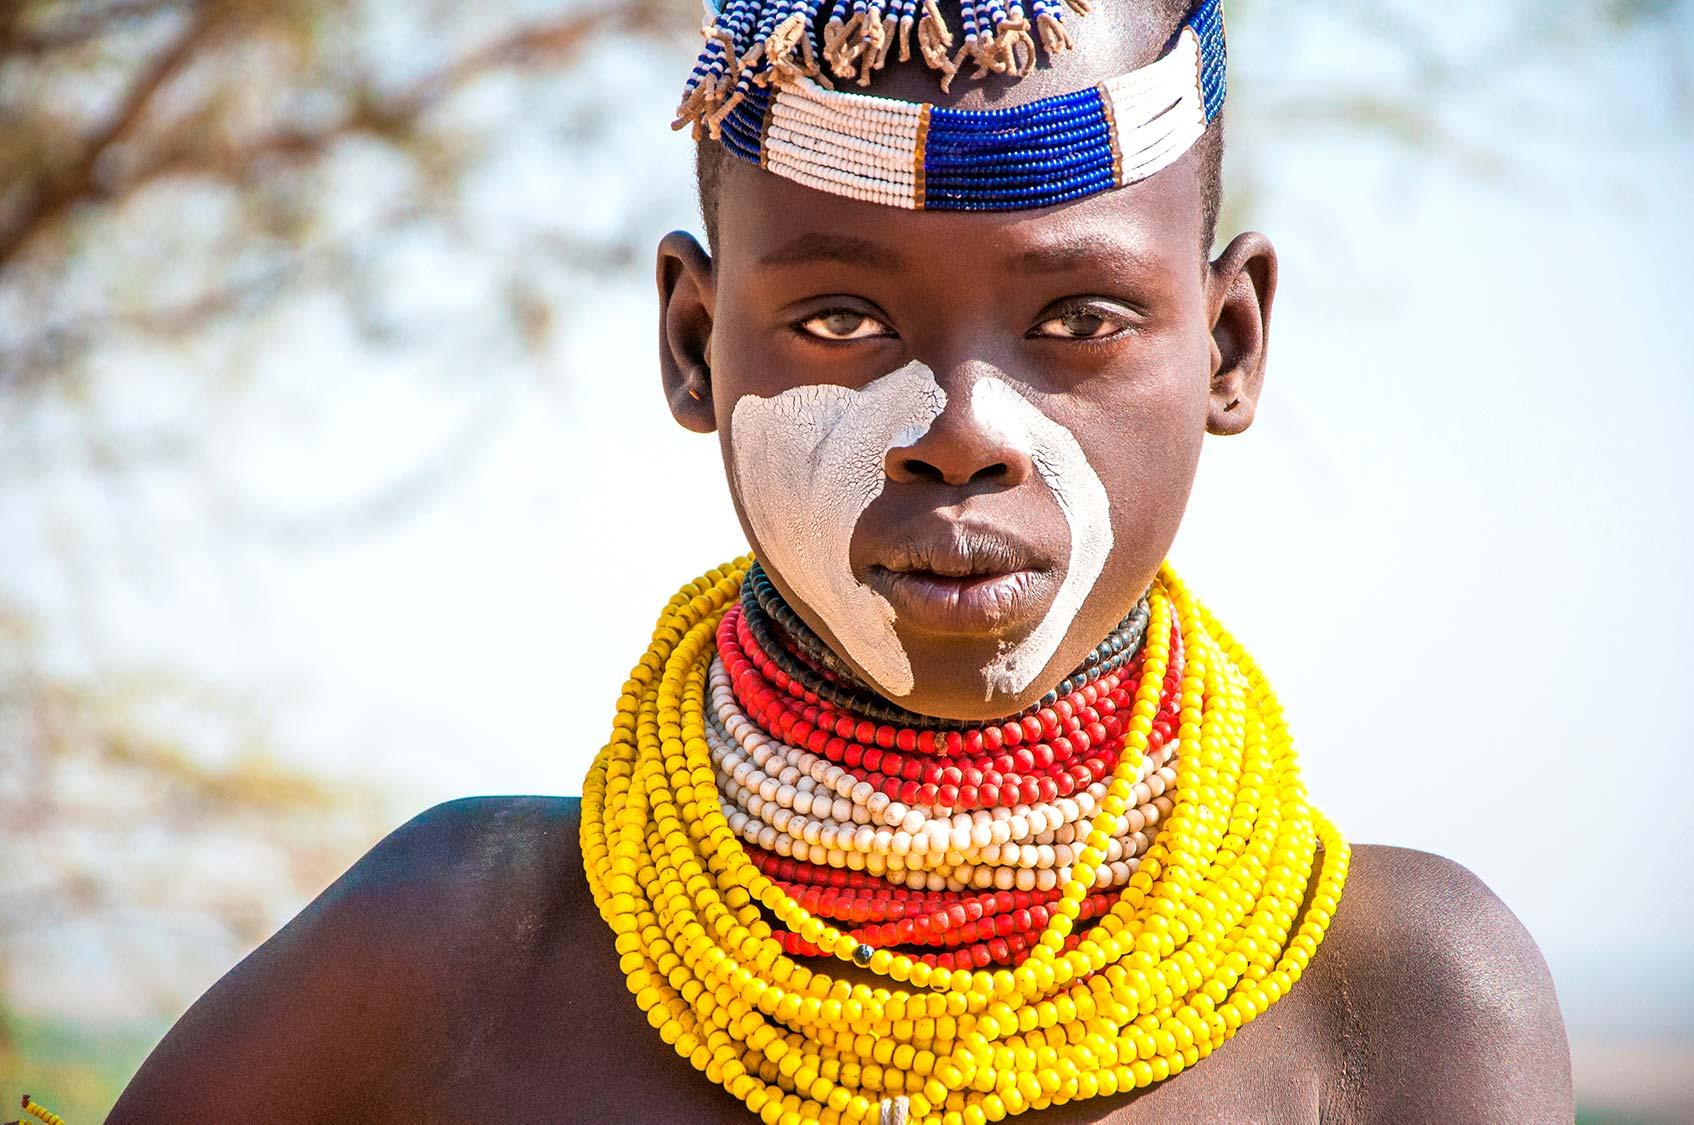 украшения у женщин в племенах эфиопии